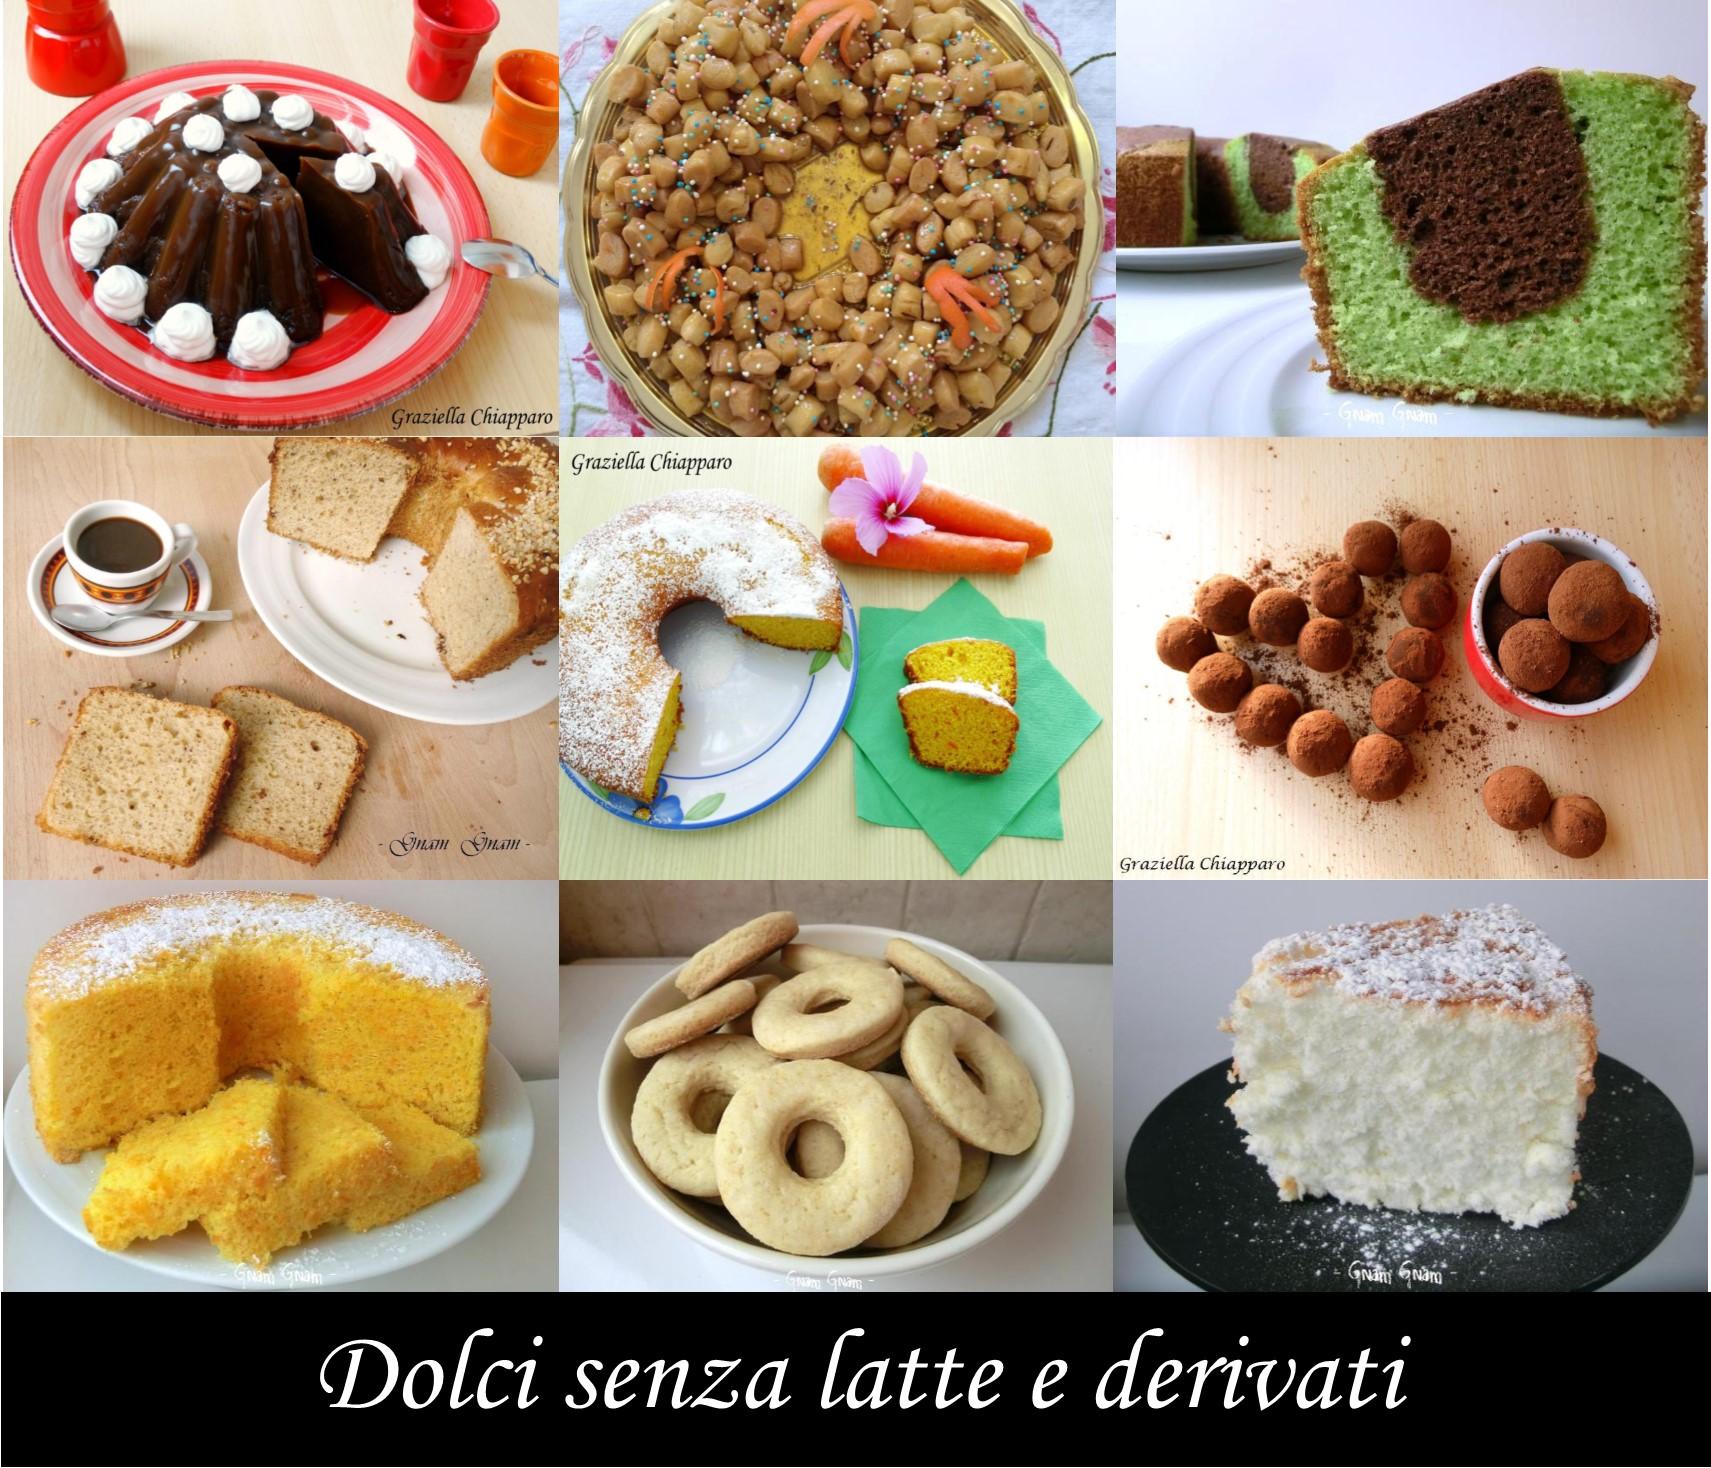 Raccolta di dolci senza latte e derivati | Ricette senza lattosio